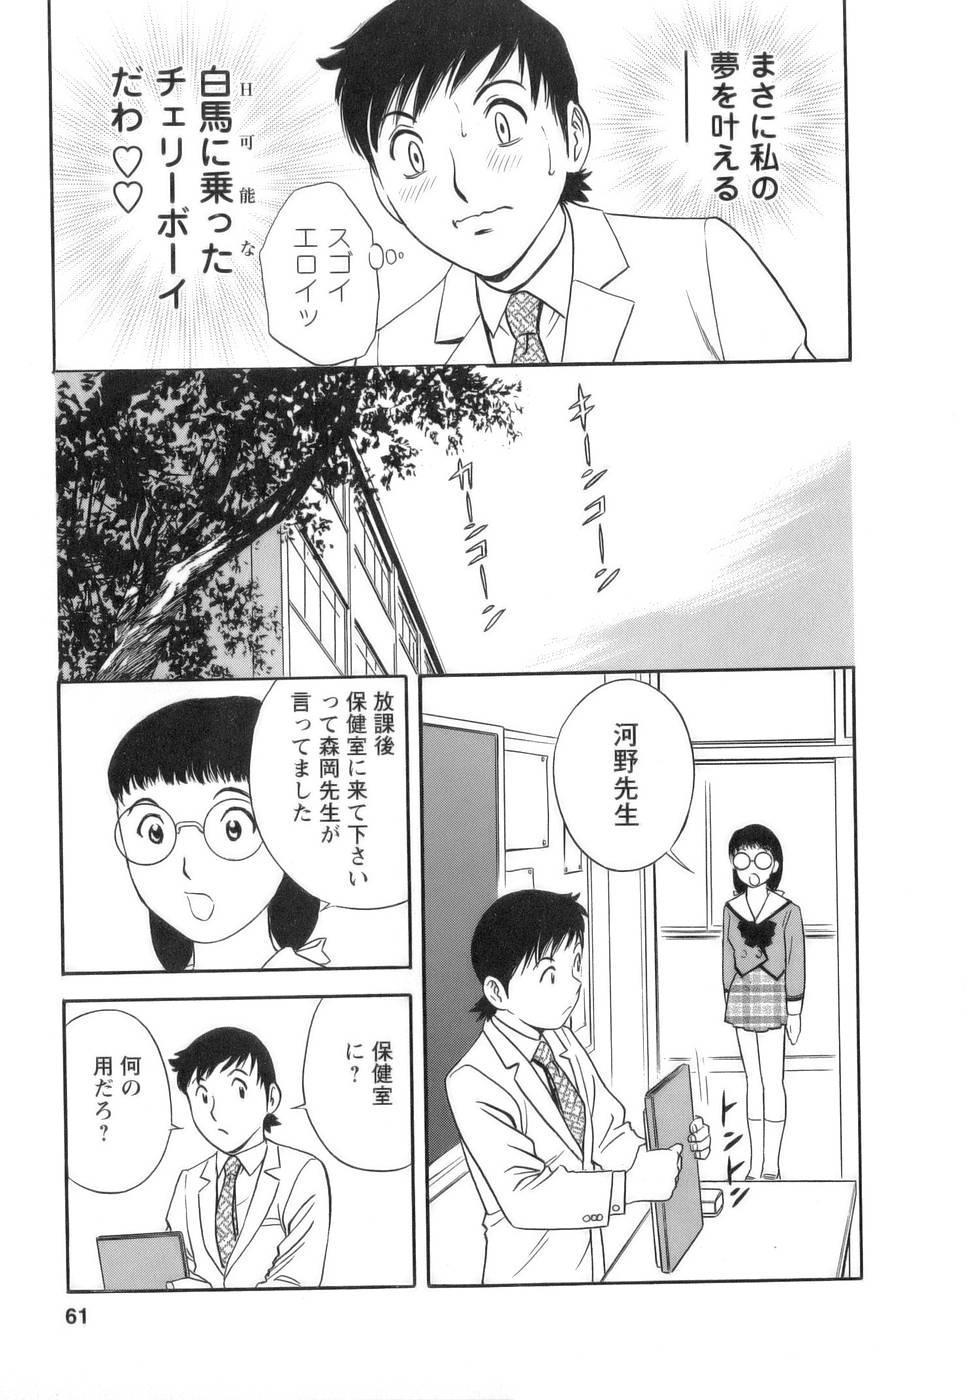 [Hidemaru] Mo-Retsu! Boin Sensei (Boing Boing Teacher) Vol.1 60